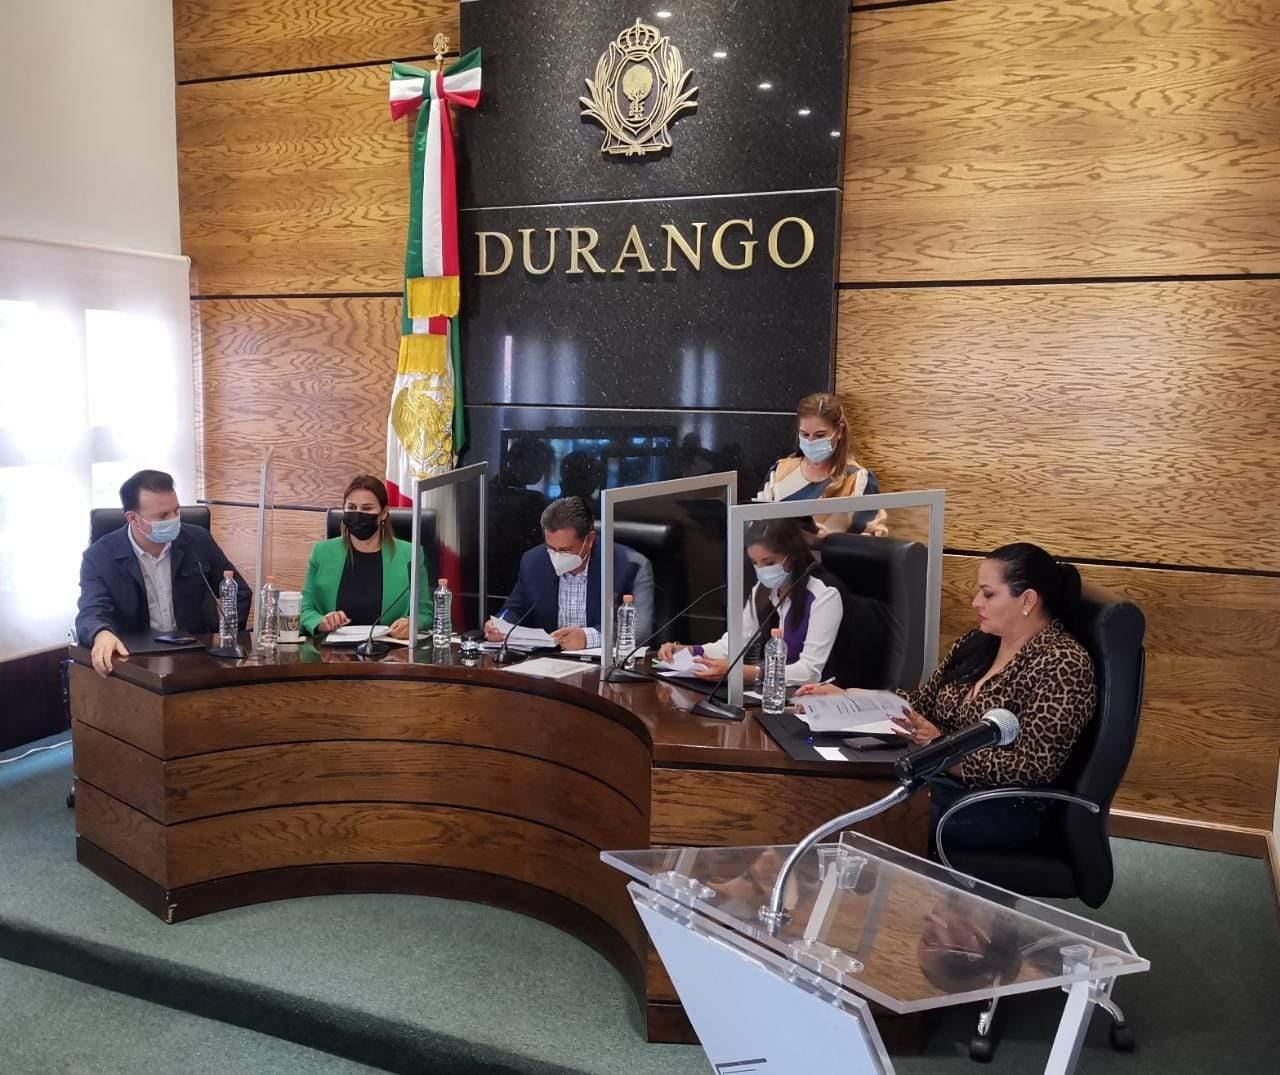 Niegan discutir matrimonio igualitario este miércoles en Durango